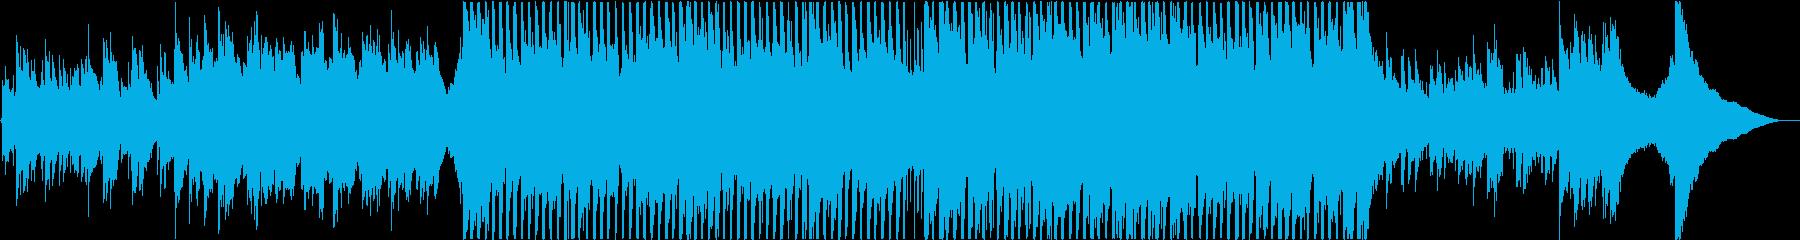 インスピレーション、インディーポップロッの再生済みの波形